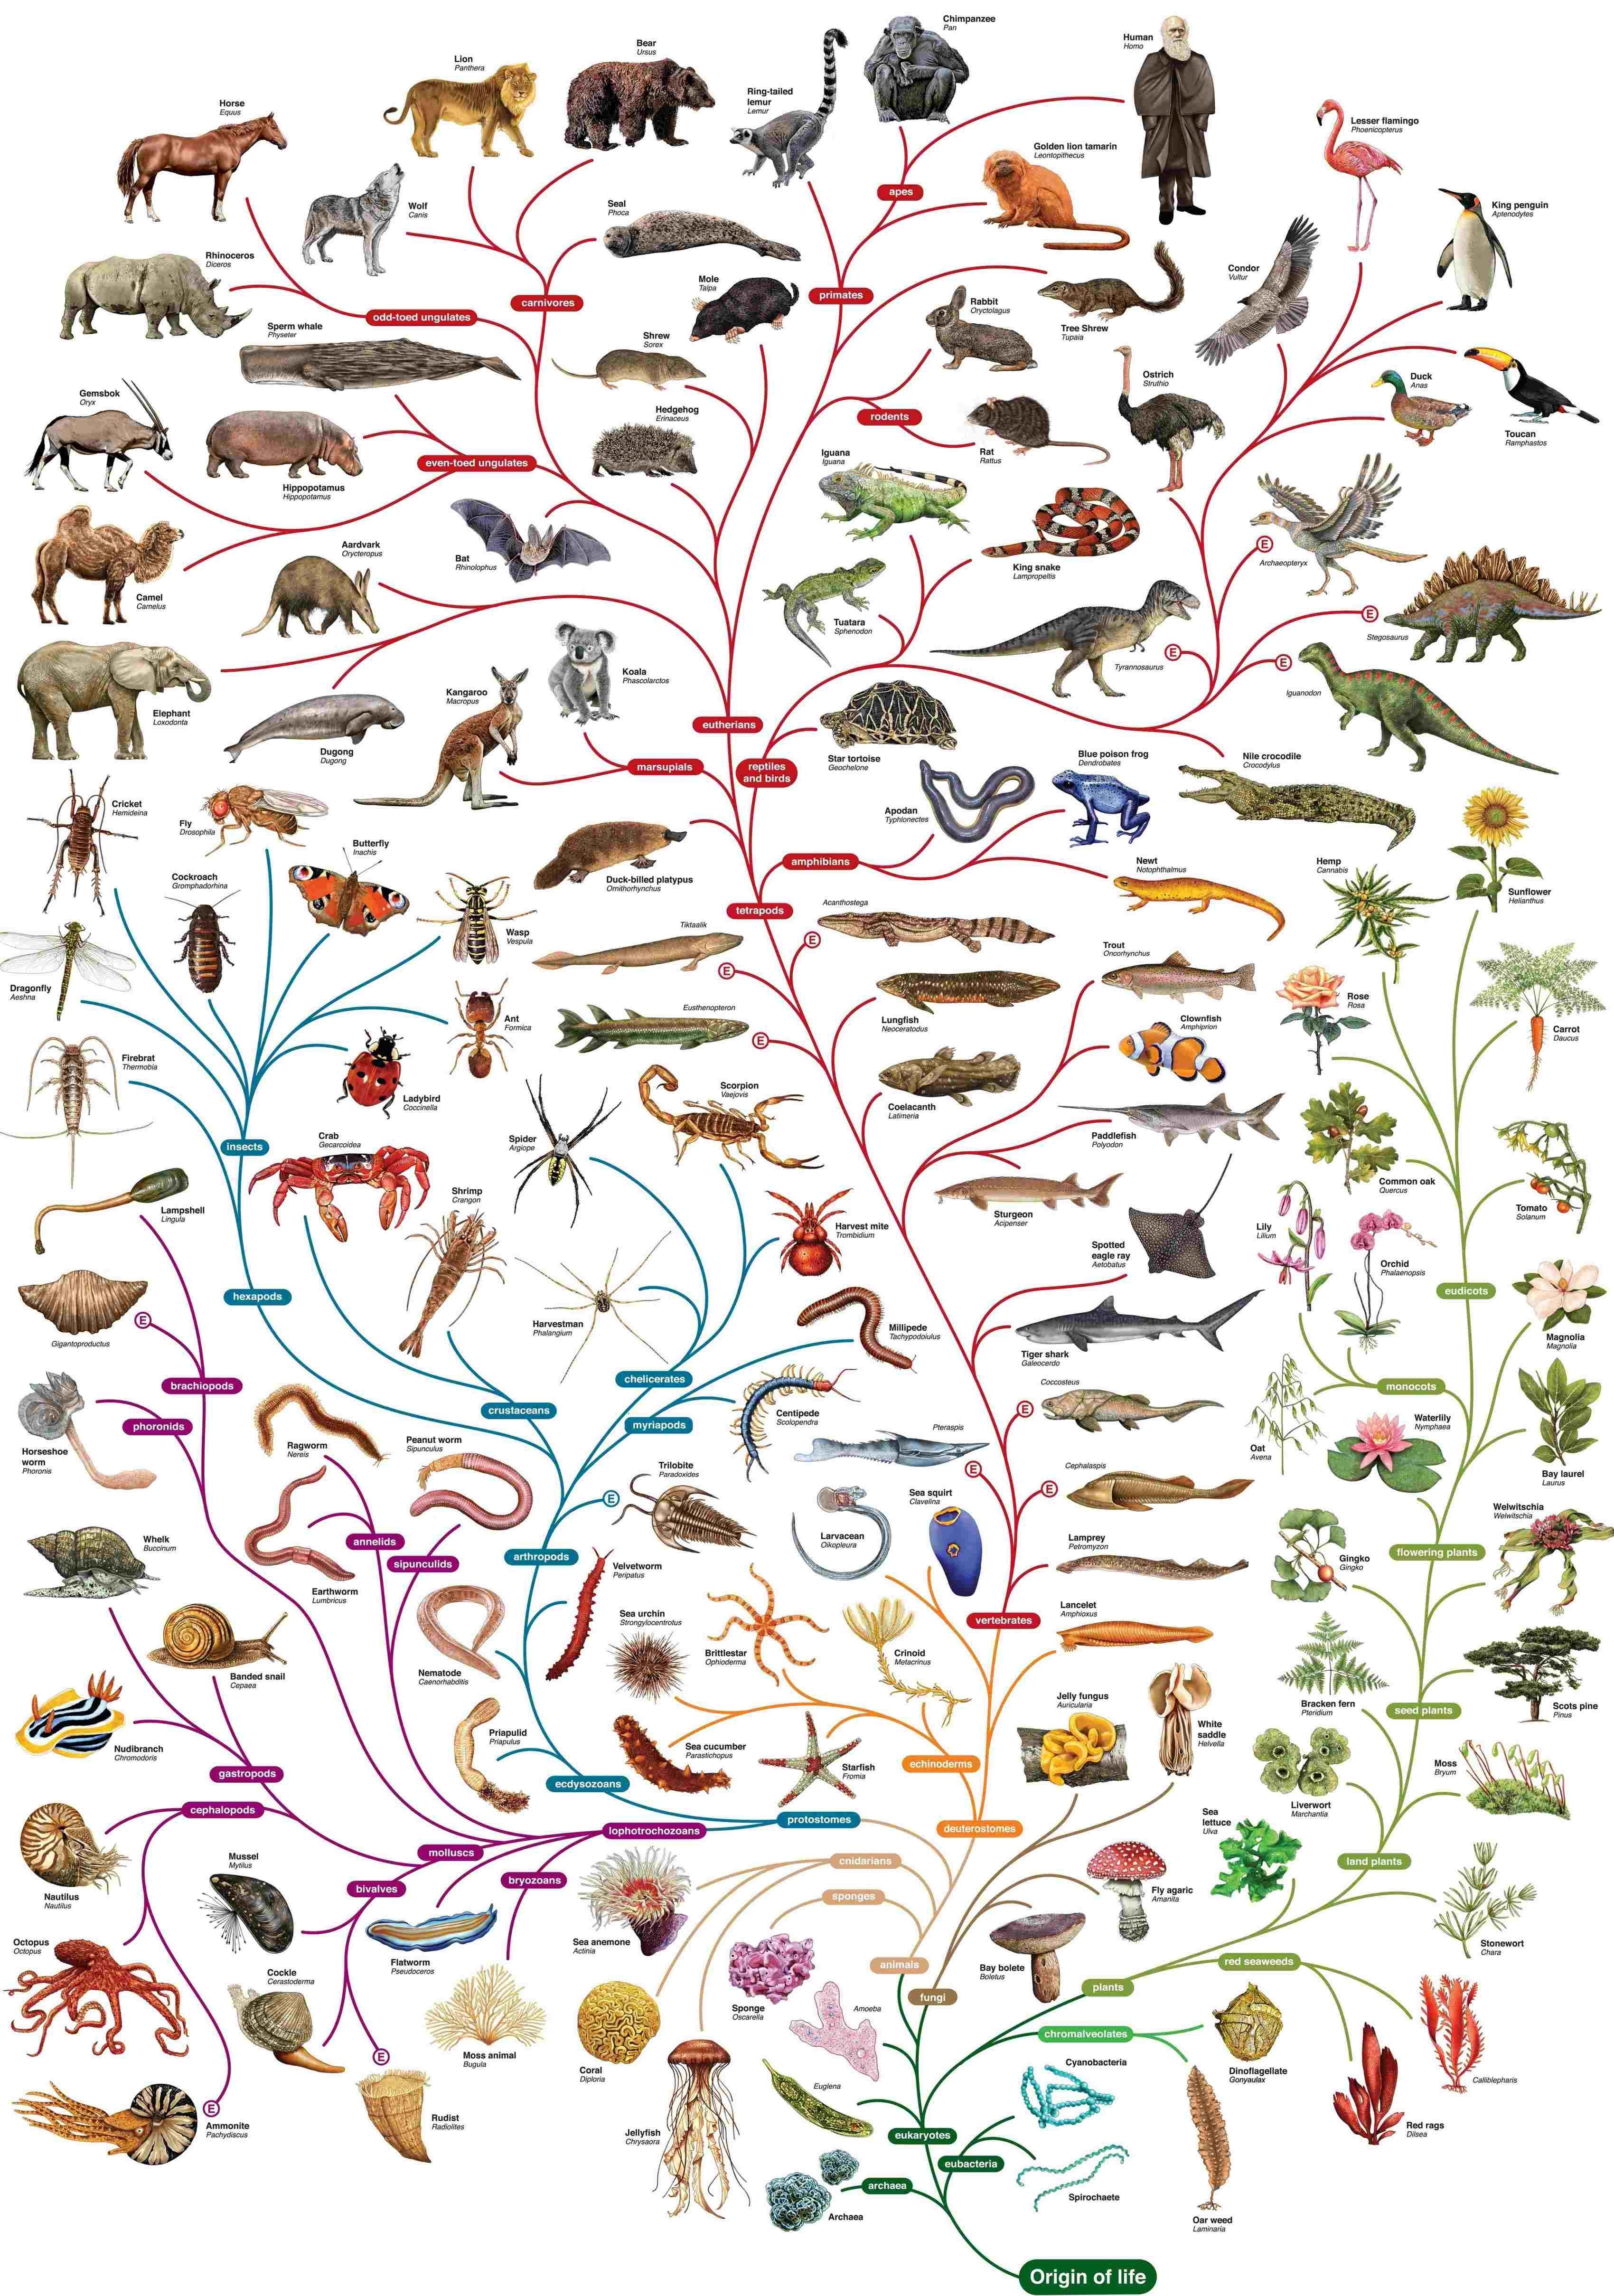 Completisimo Mural De La Evolucion Genial En Pdf Fraccionado En El Enlace Phylogenetic Tree Darwin Tree Of Life Science Biology